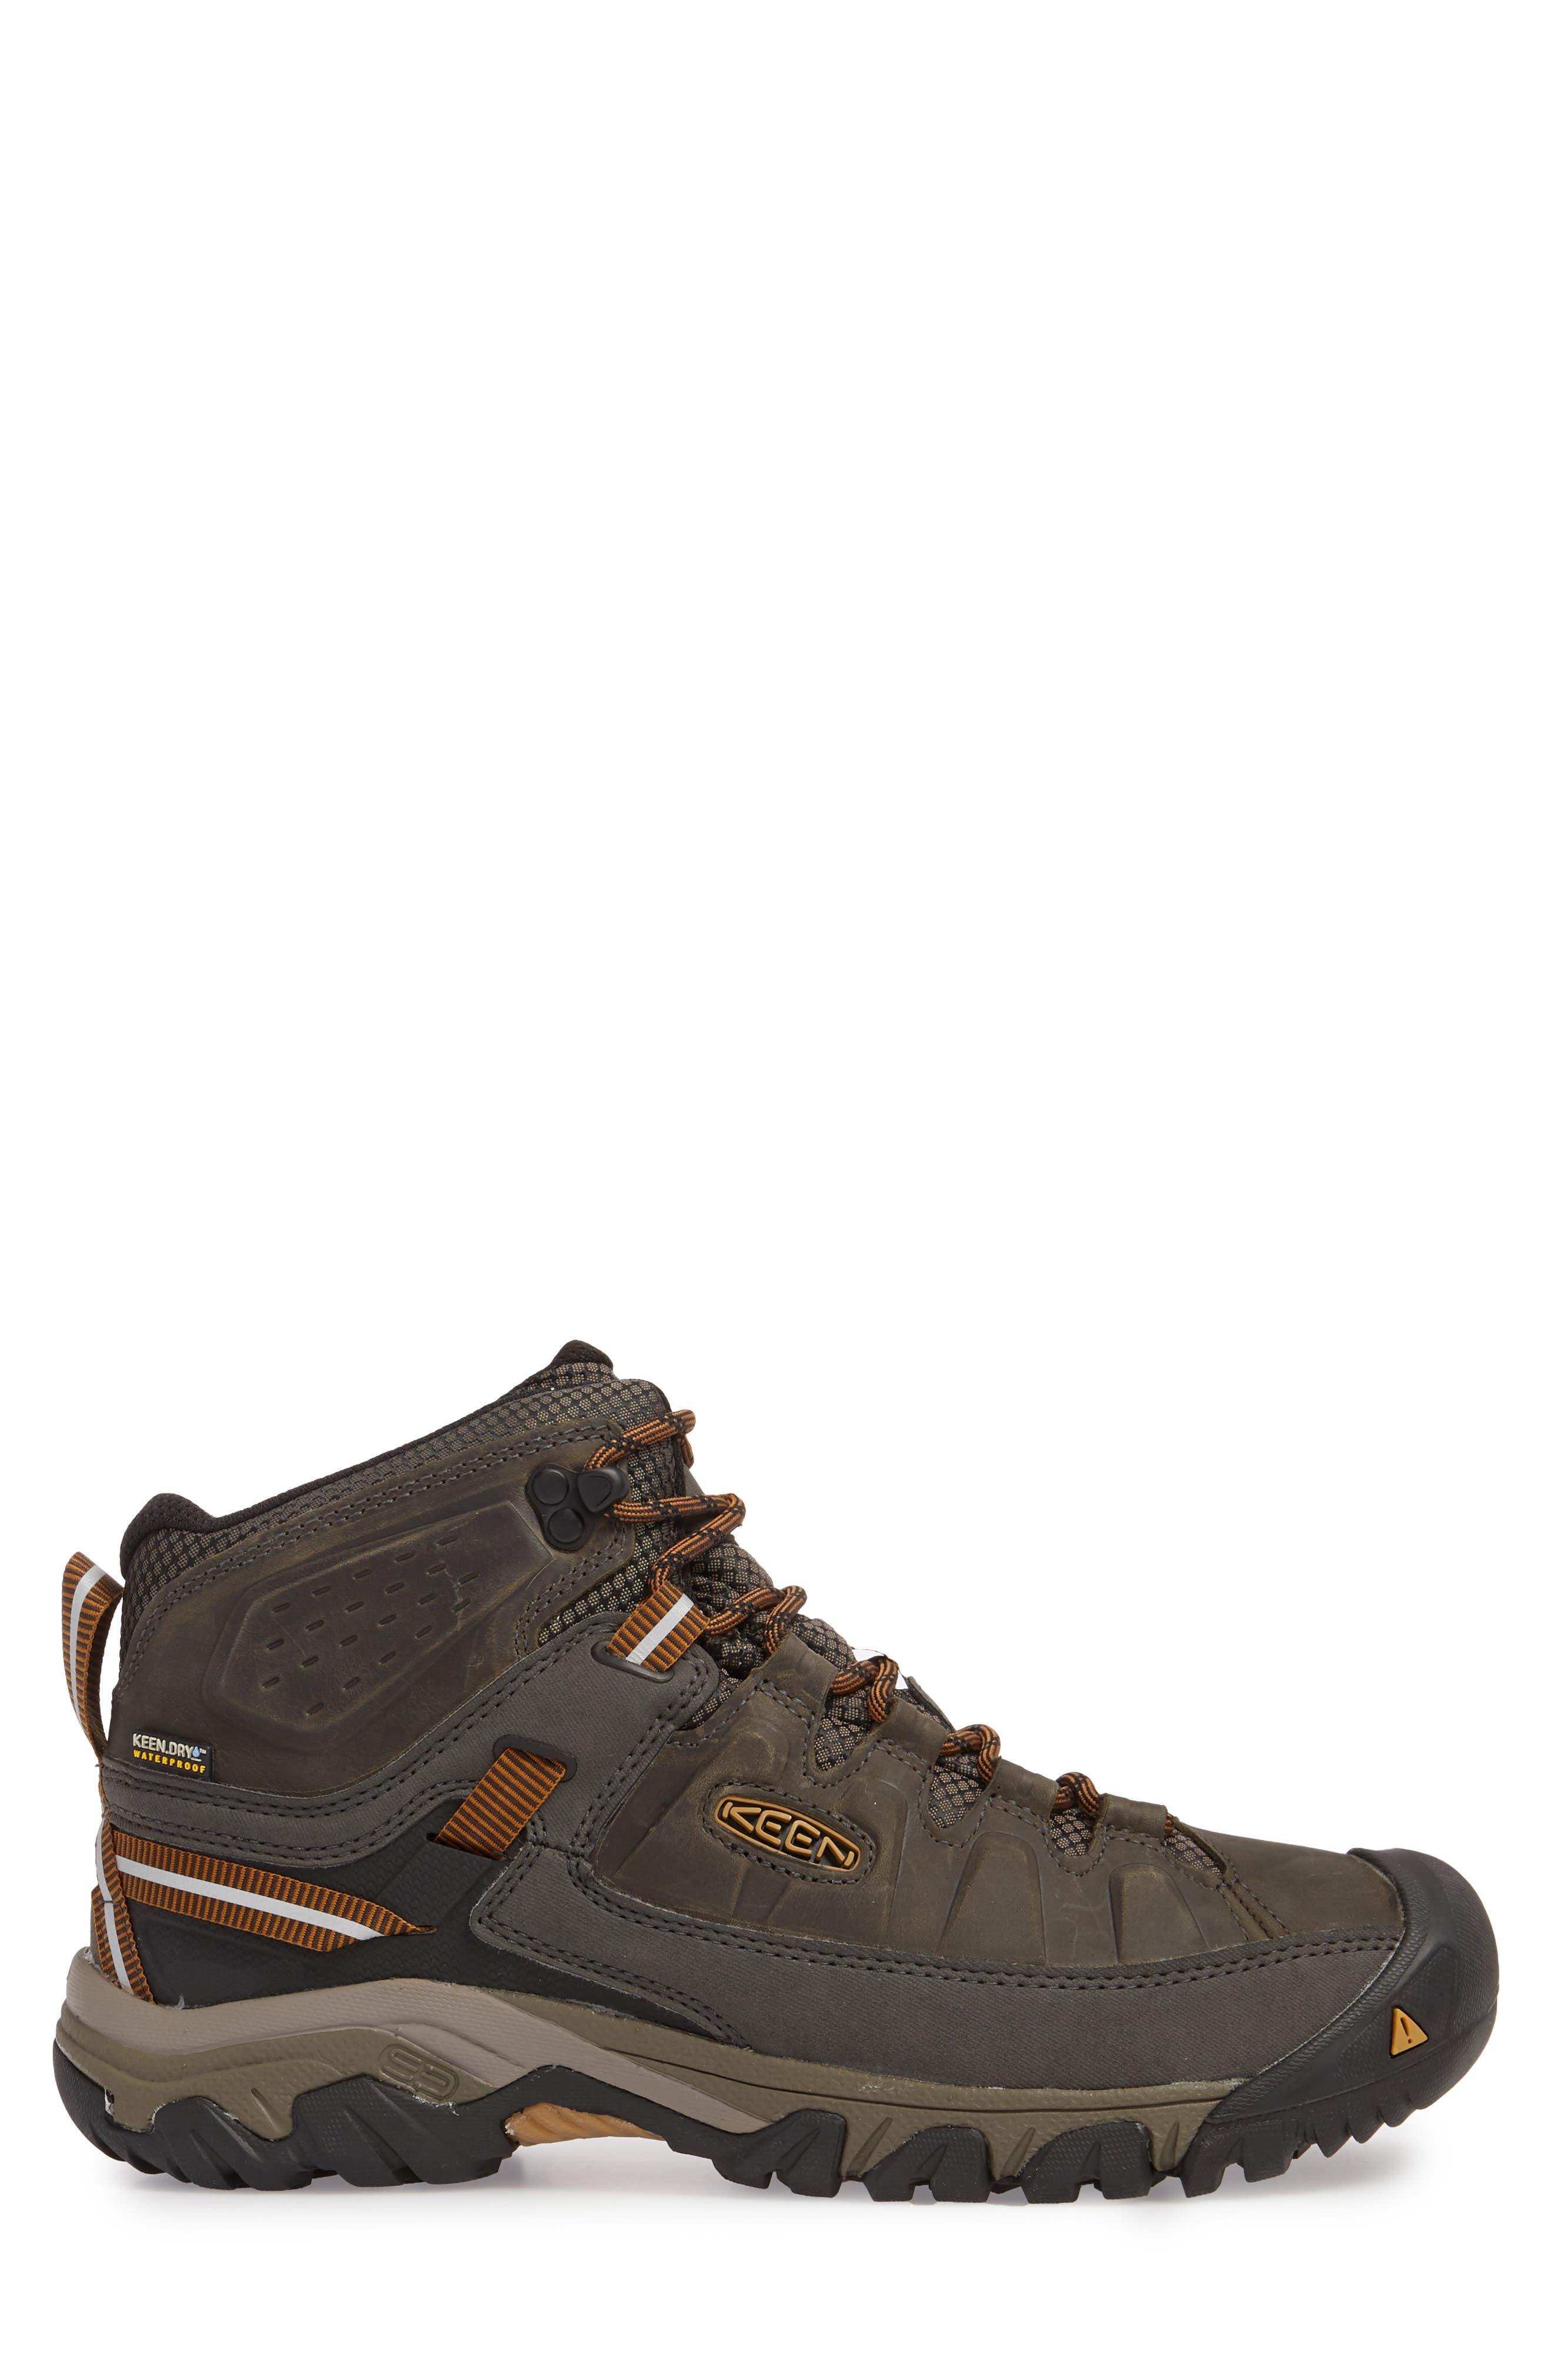 Targhee III Mid Waterproof Hiking Boot,                             Alternate thumbnail 3, color,                             BLACK OLIVE/GOLDEN BROWN